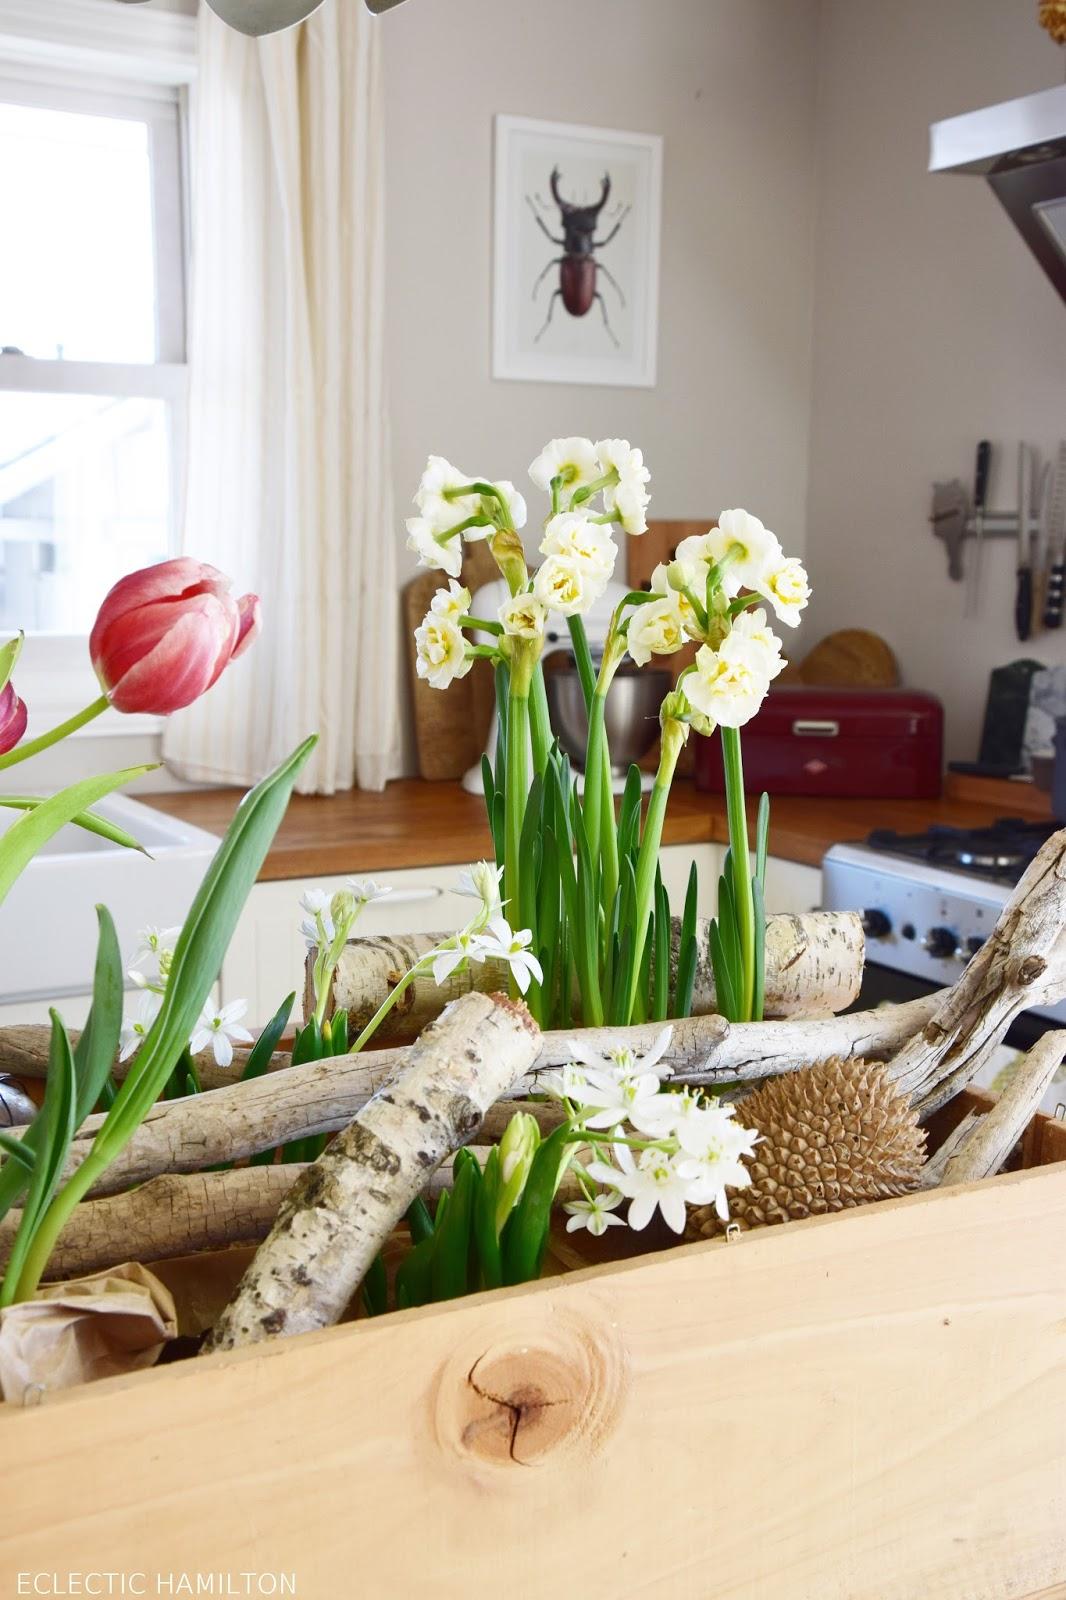 Dekoidee: Kiste voller Blumen! Frisch. schön und die perfekte mobile Deko